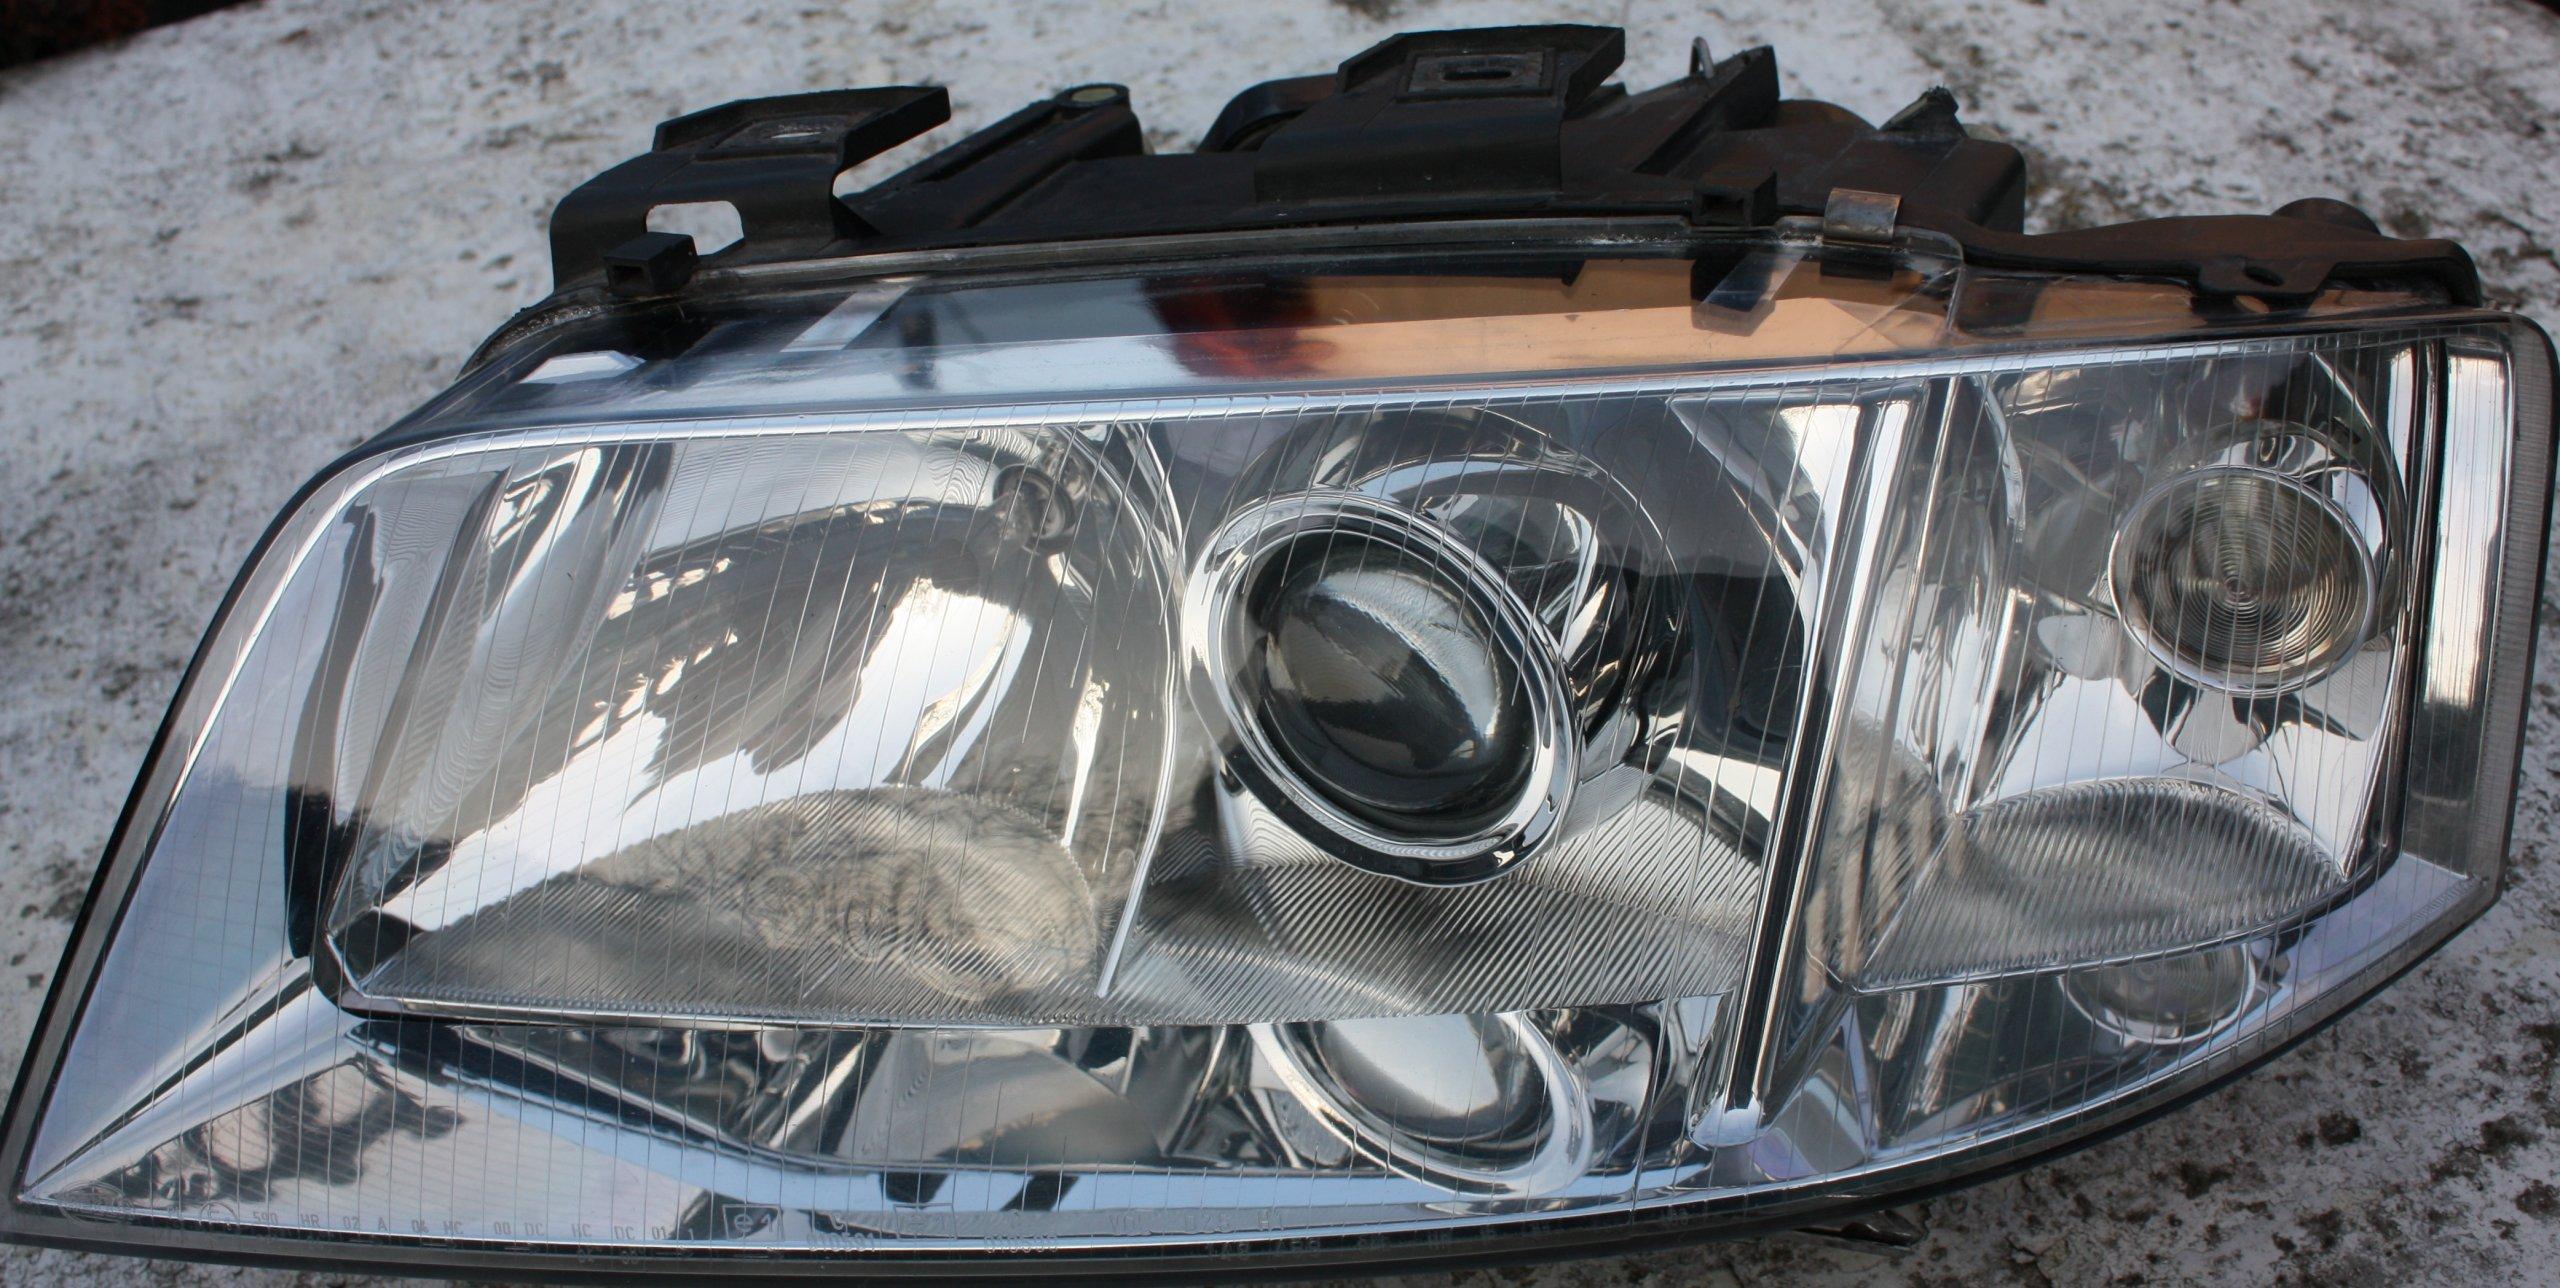 Reflektory Lampy Hella Audi A6 C5 Xenon 6735053891 Oficjalne Archiwum Allegro